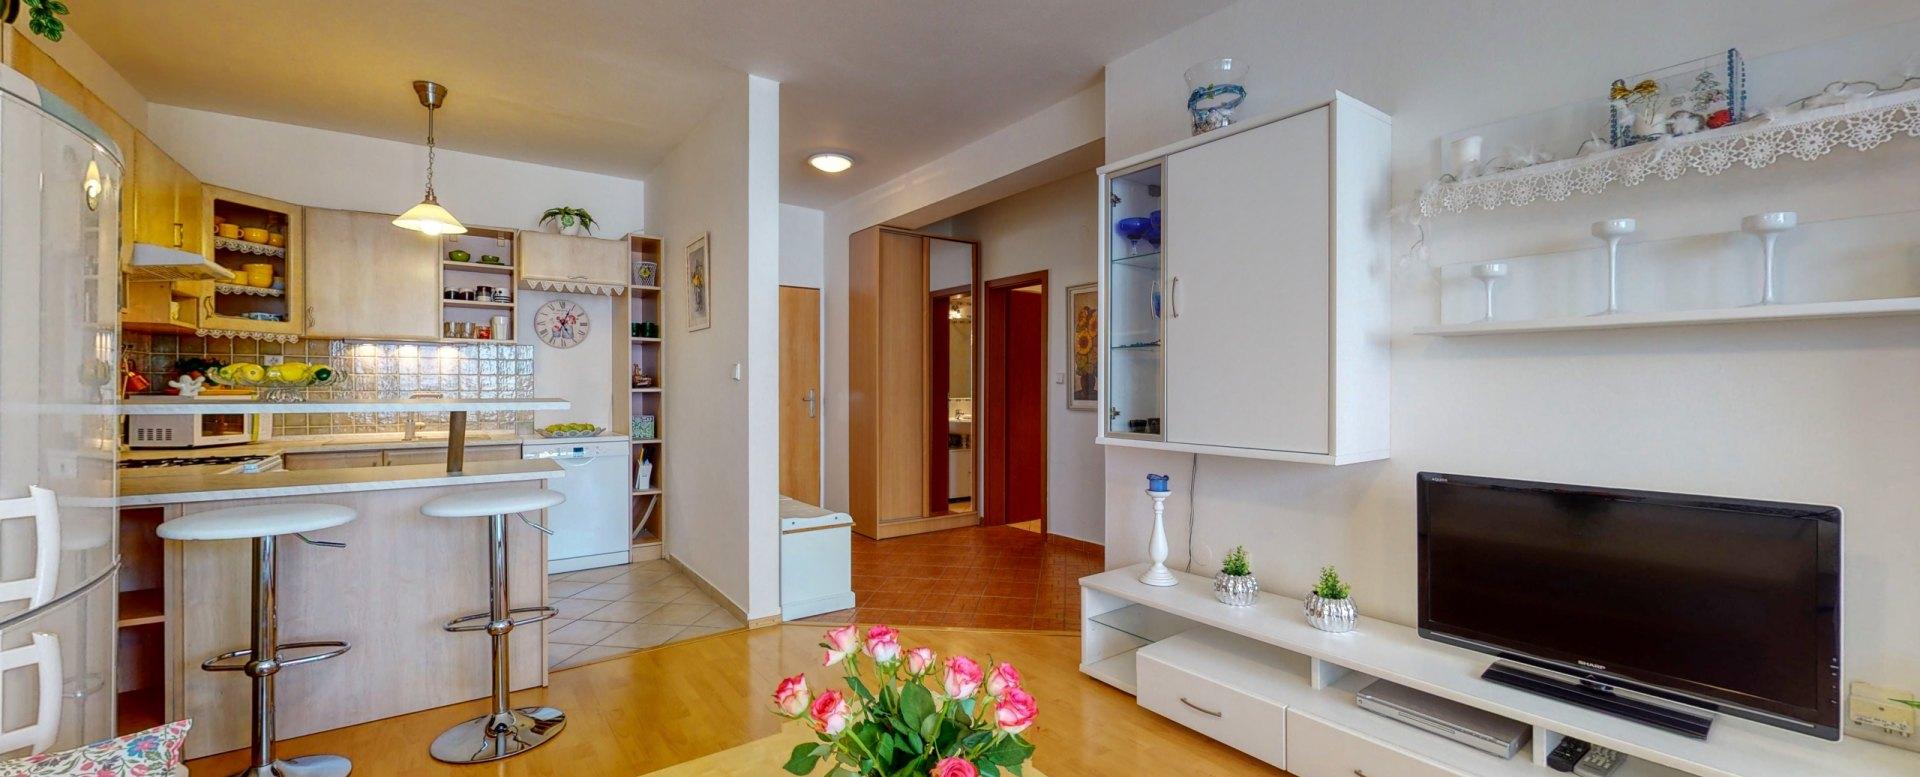 Obývacia izba prepojená s kuchyňou